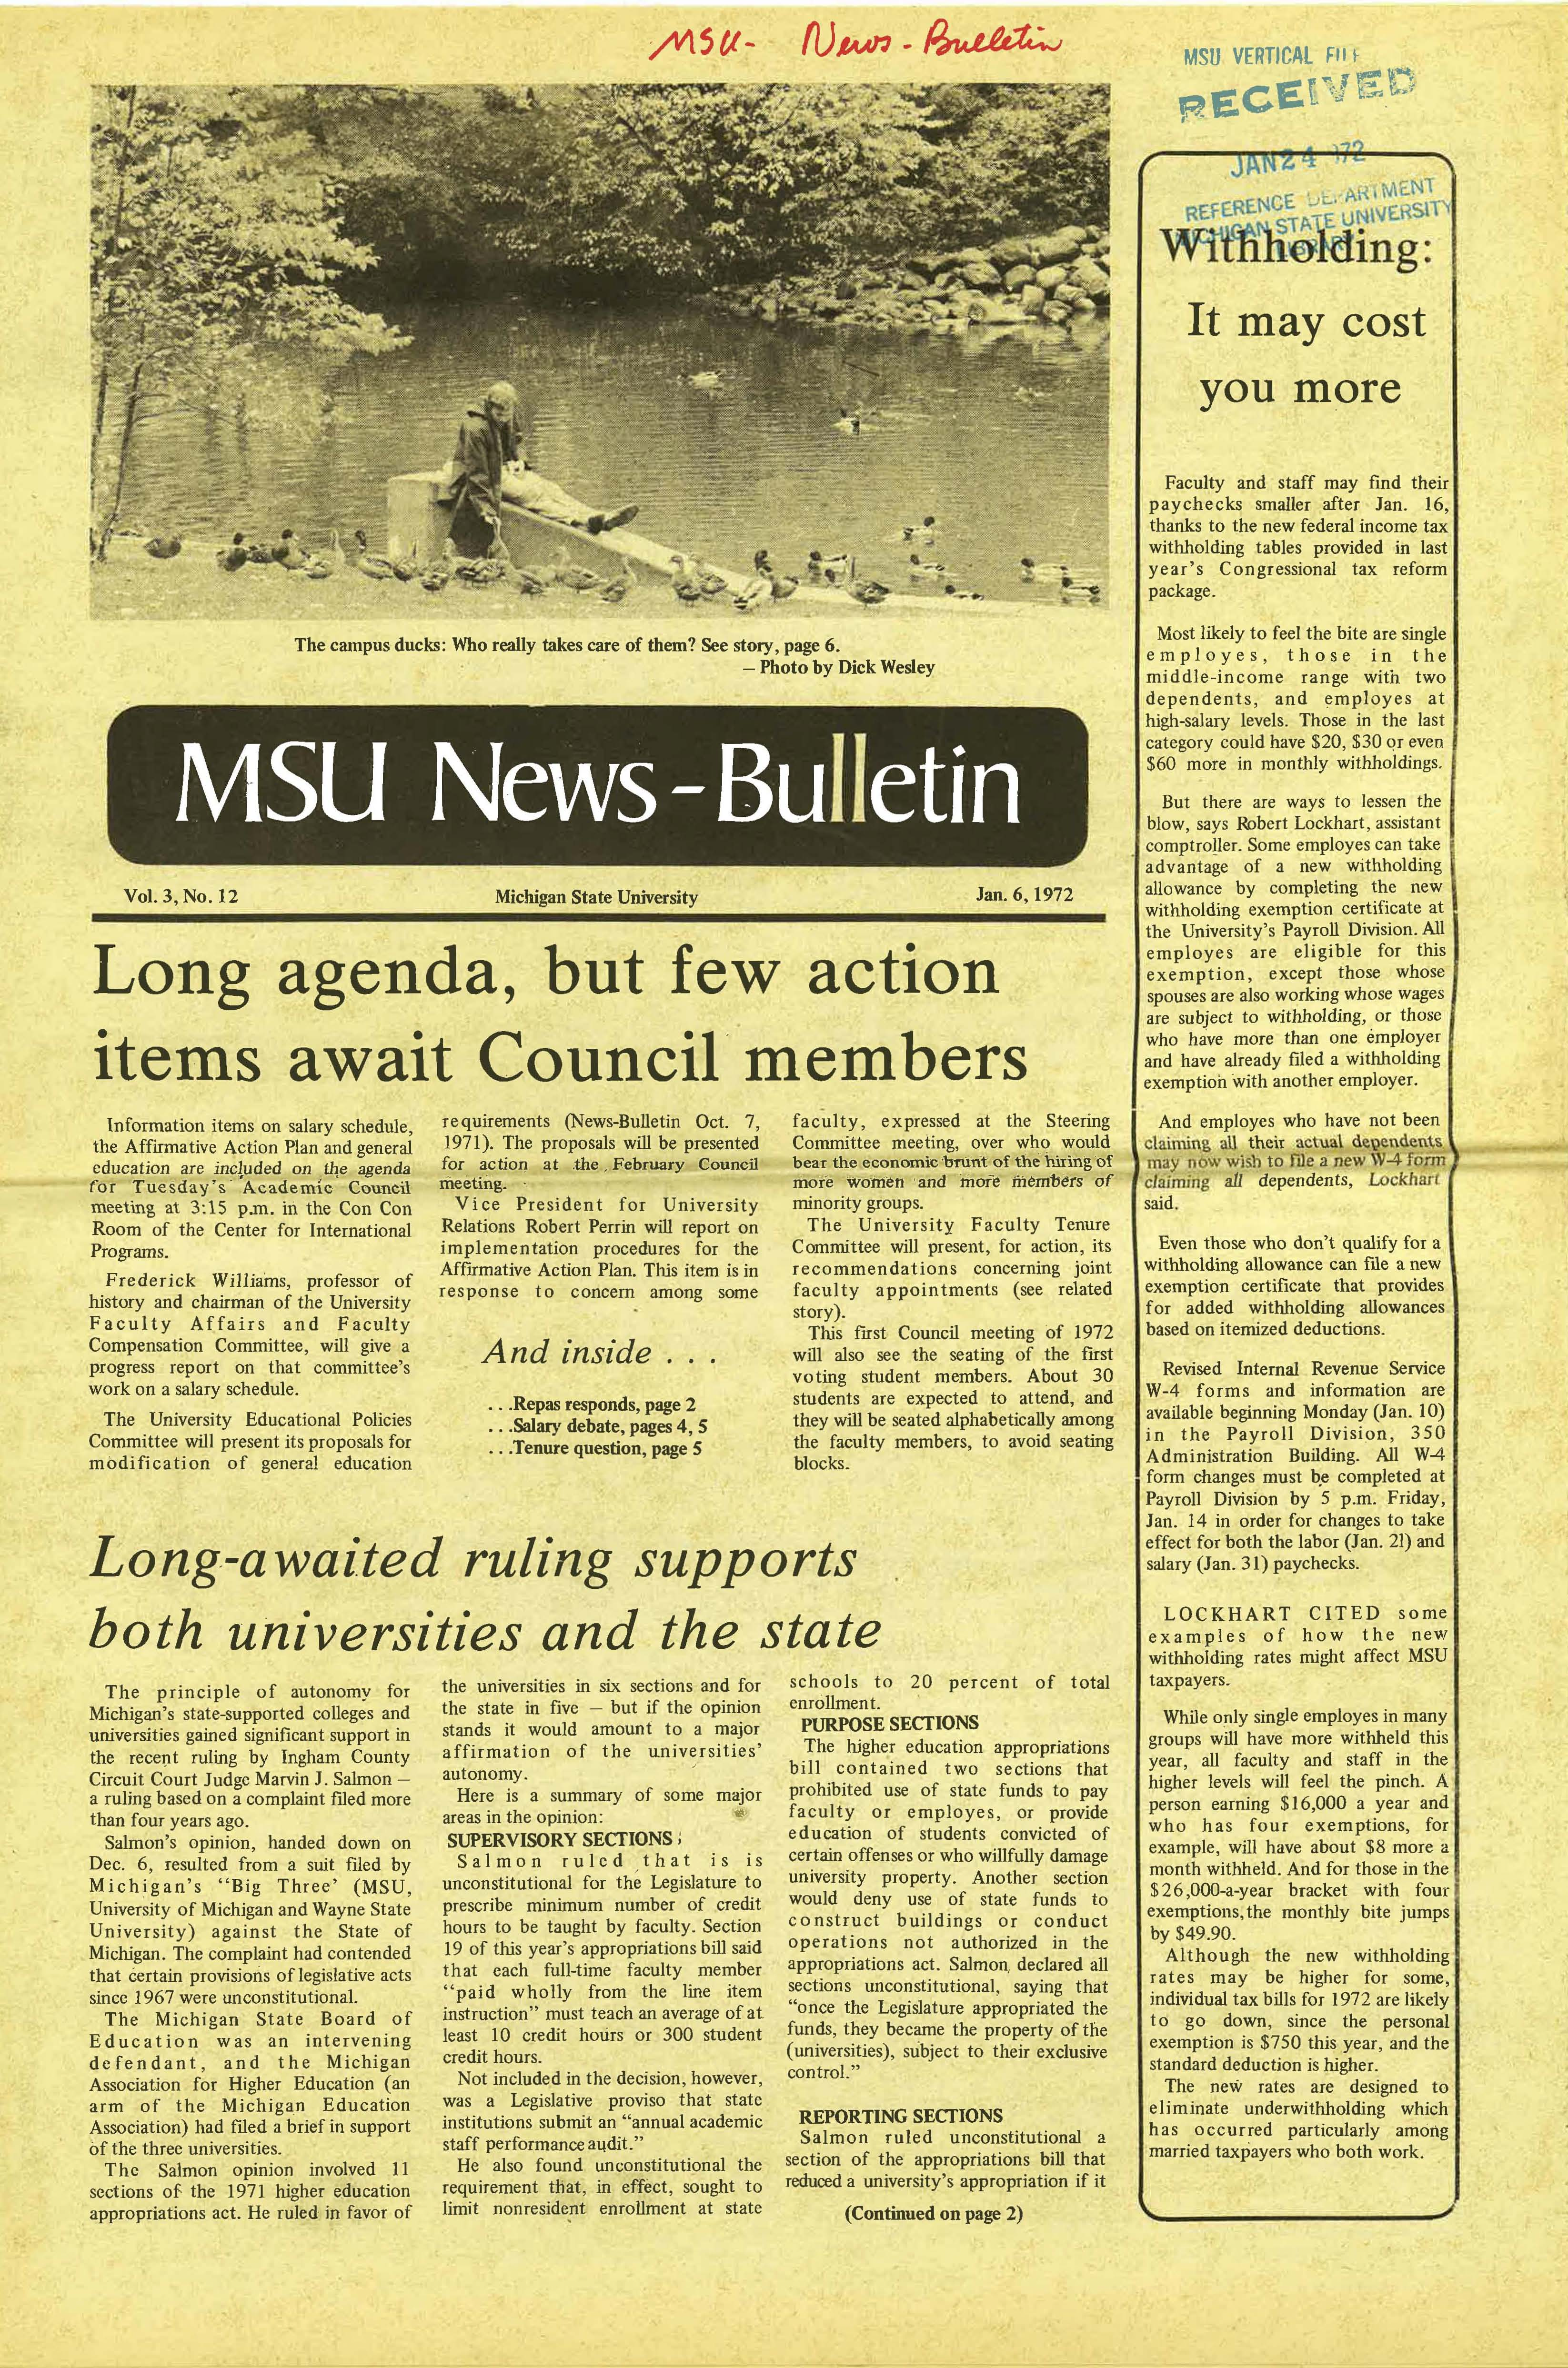 MSU News Bulletin, vol. 3, No. 30, May 25, 1972